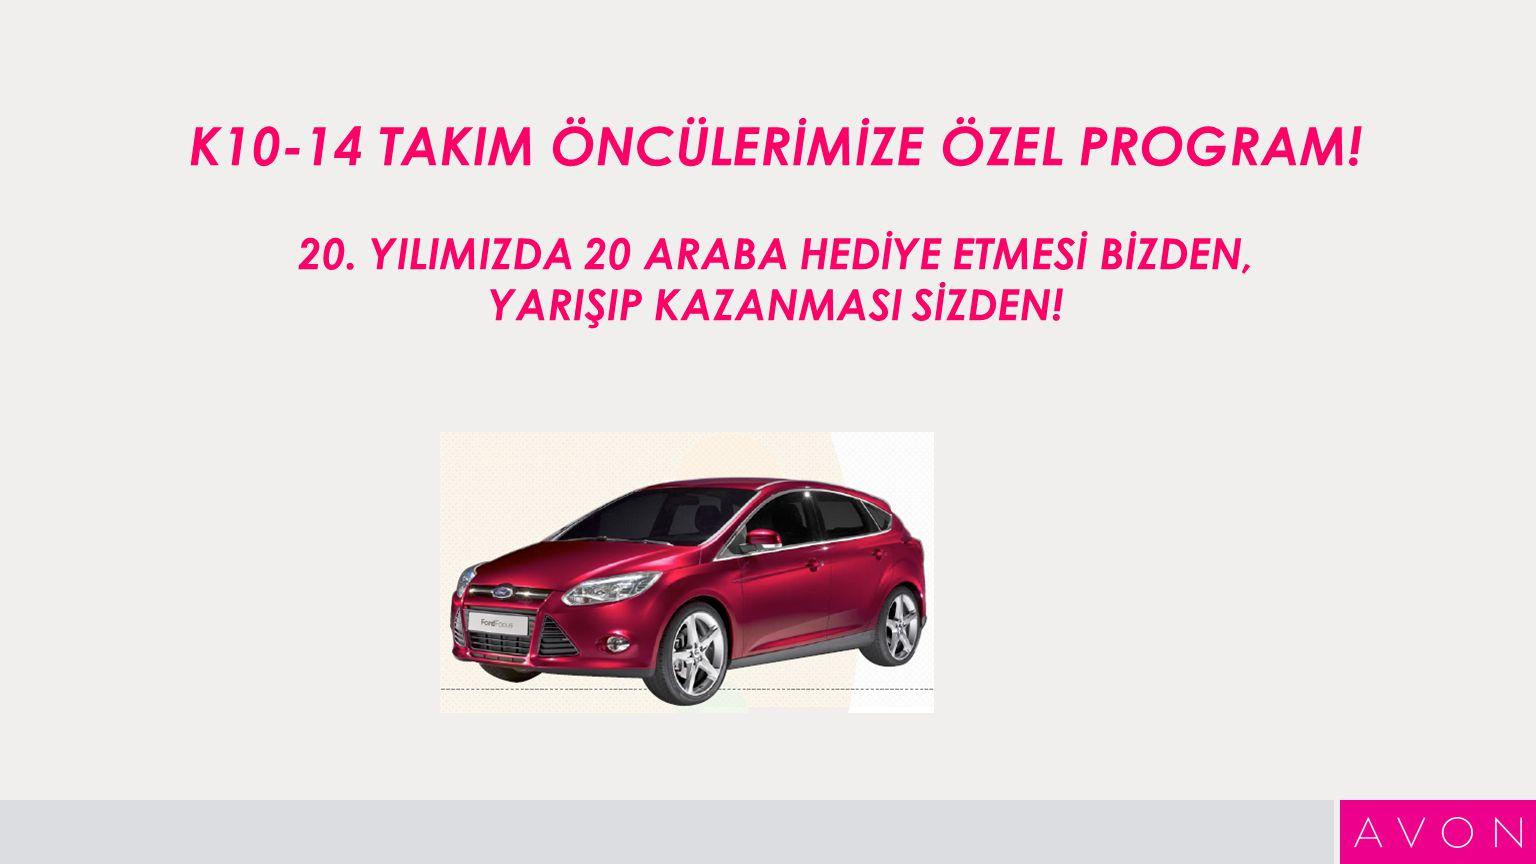 K10-14 TAKIM ÖNCÜLERİMİZE ÖZEL PROGRAM.20.